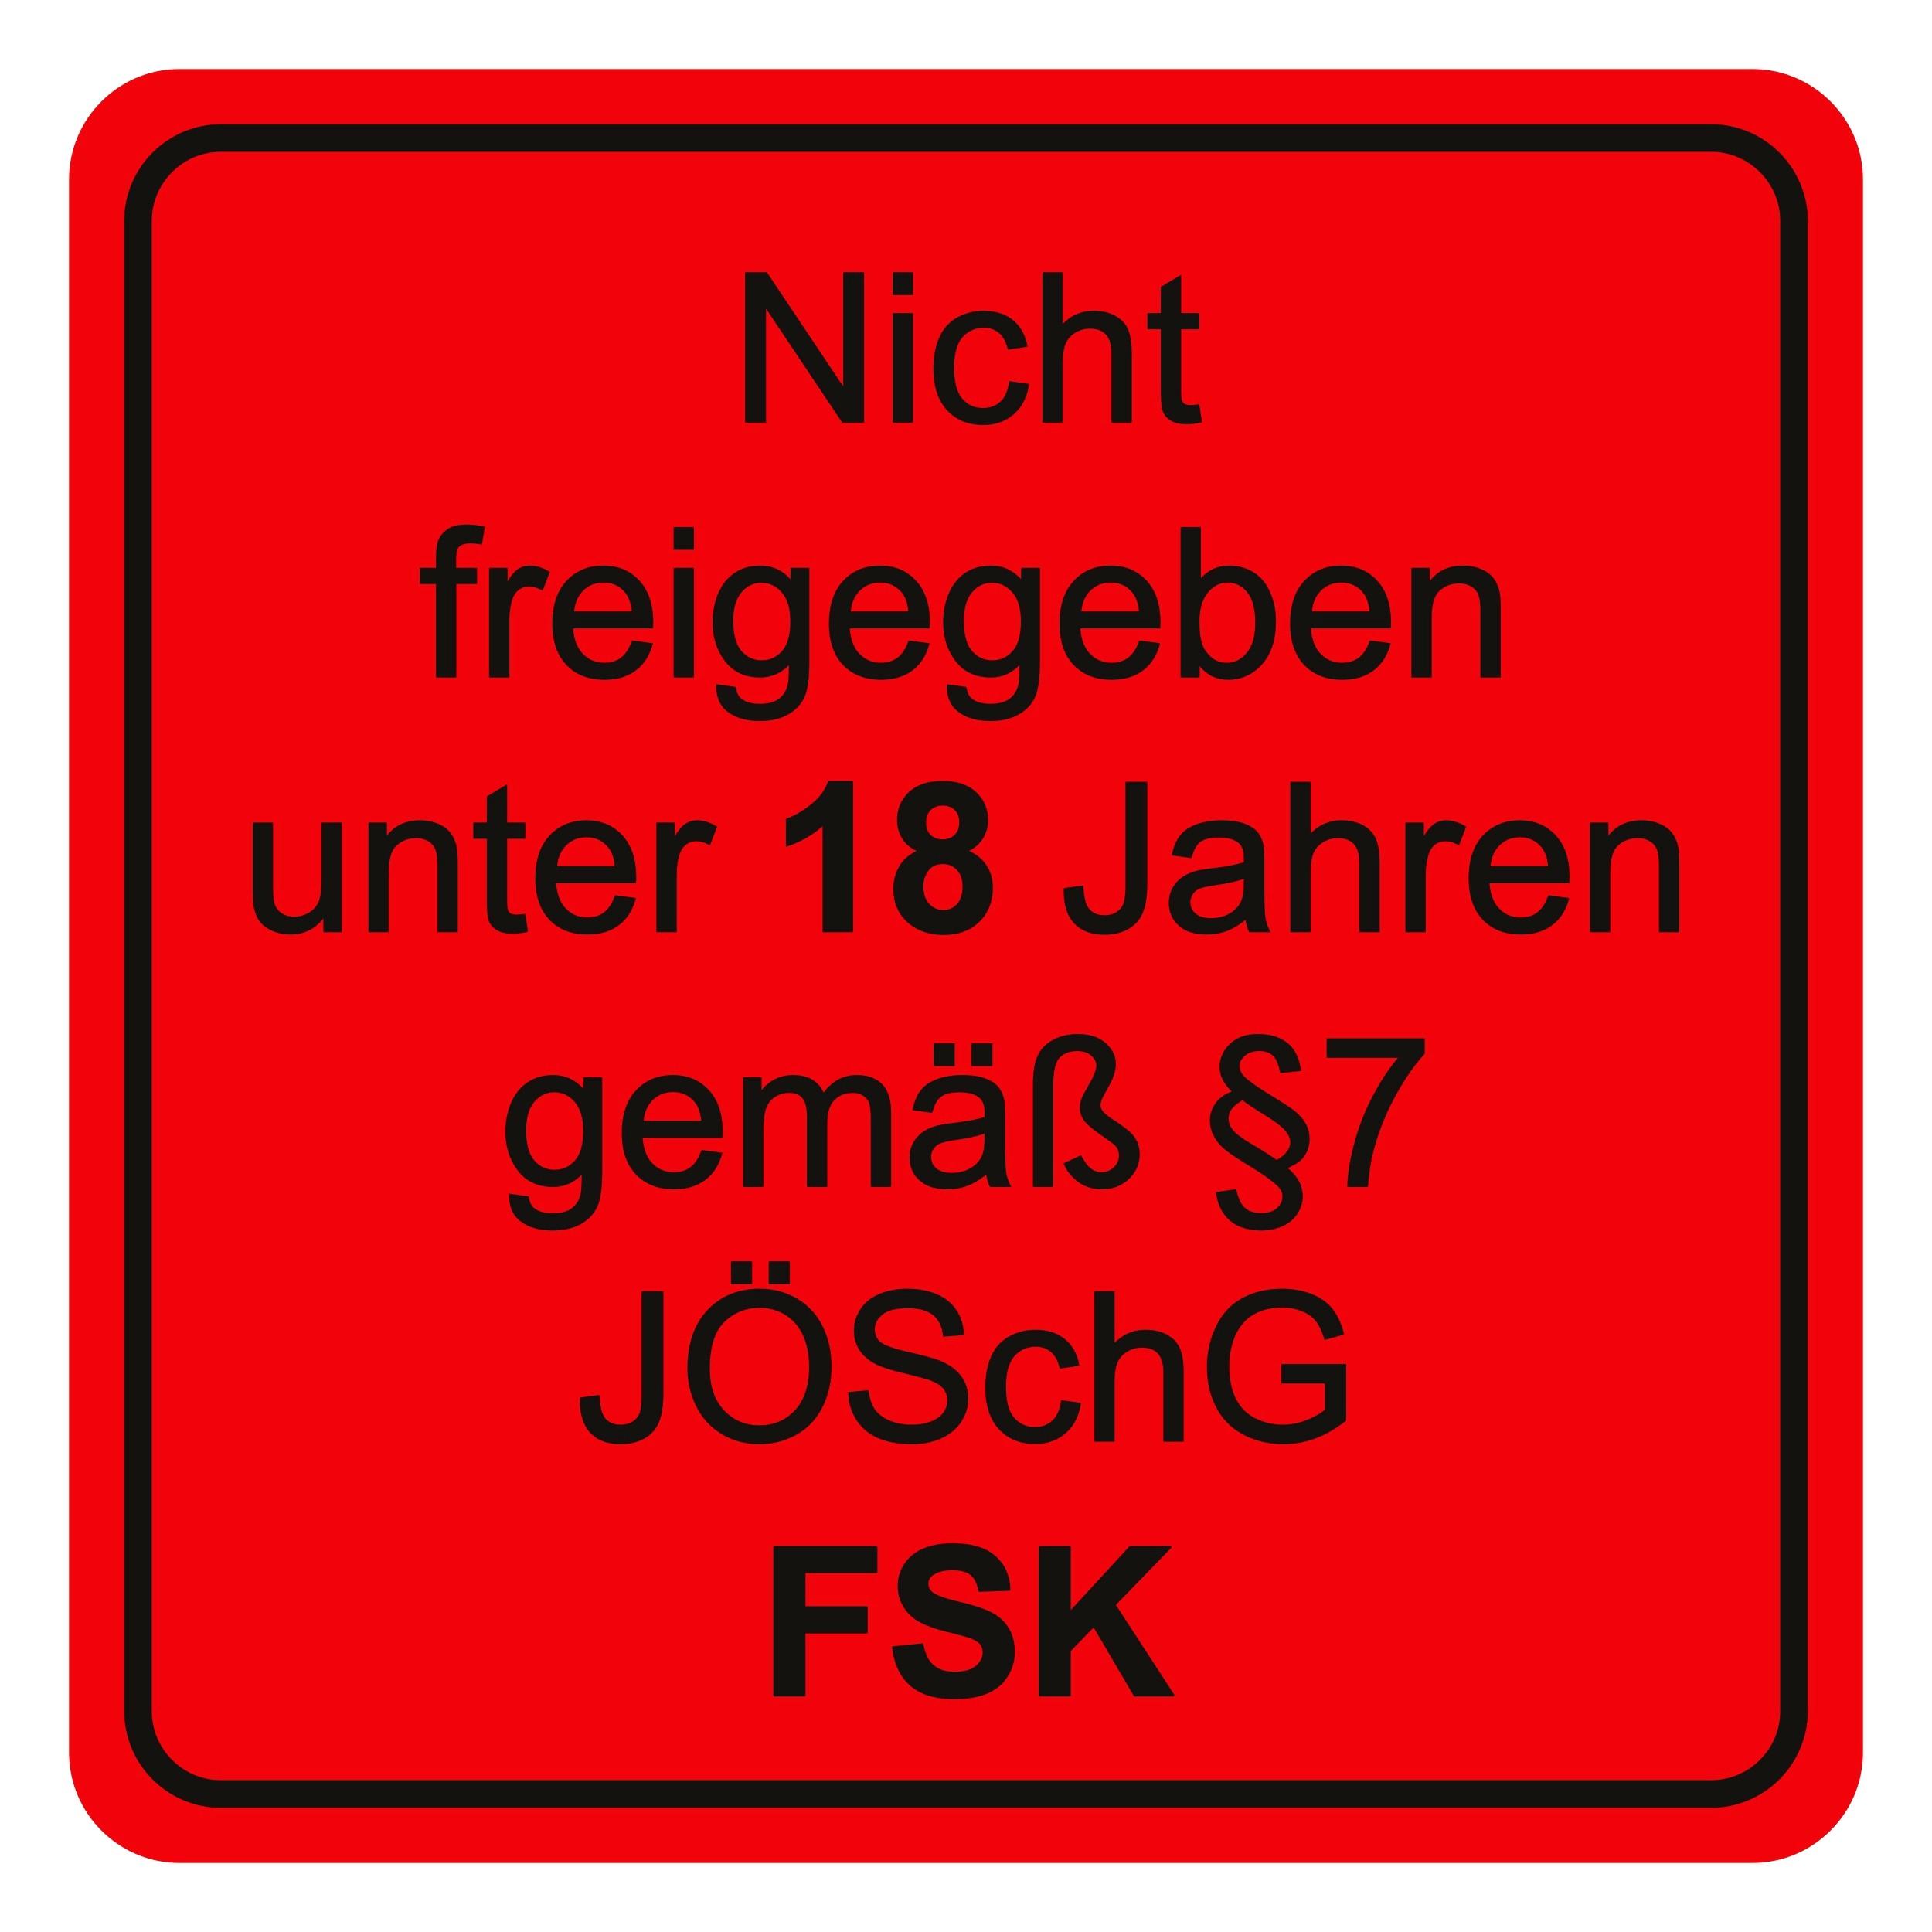 Aufkleber Nicht freigegeben unter 18 Jahren ... rot 65 x 65 mm – Bild 1